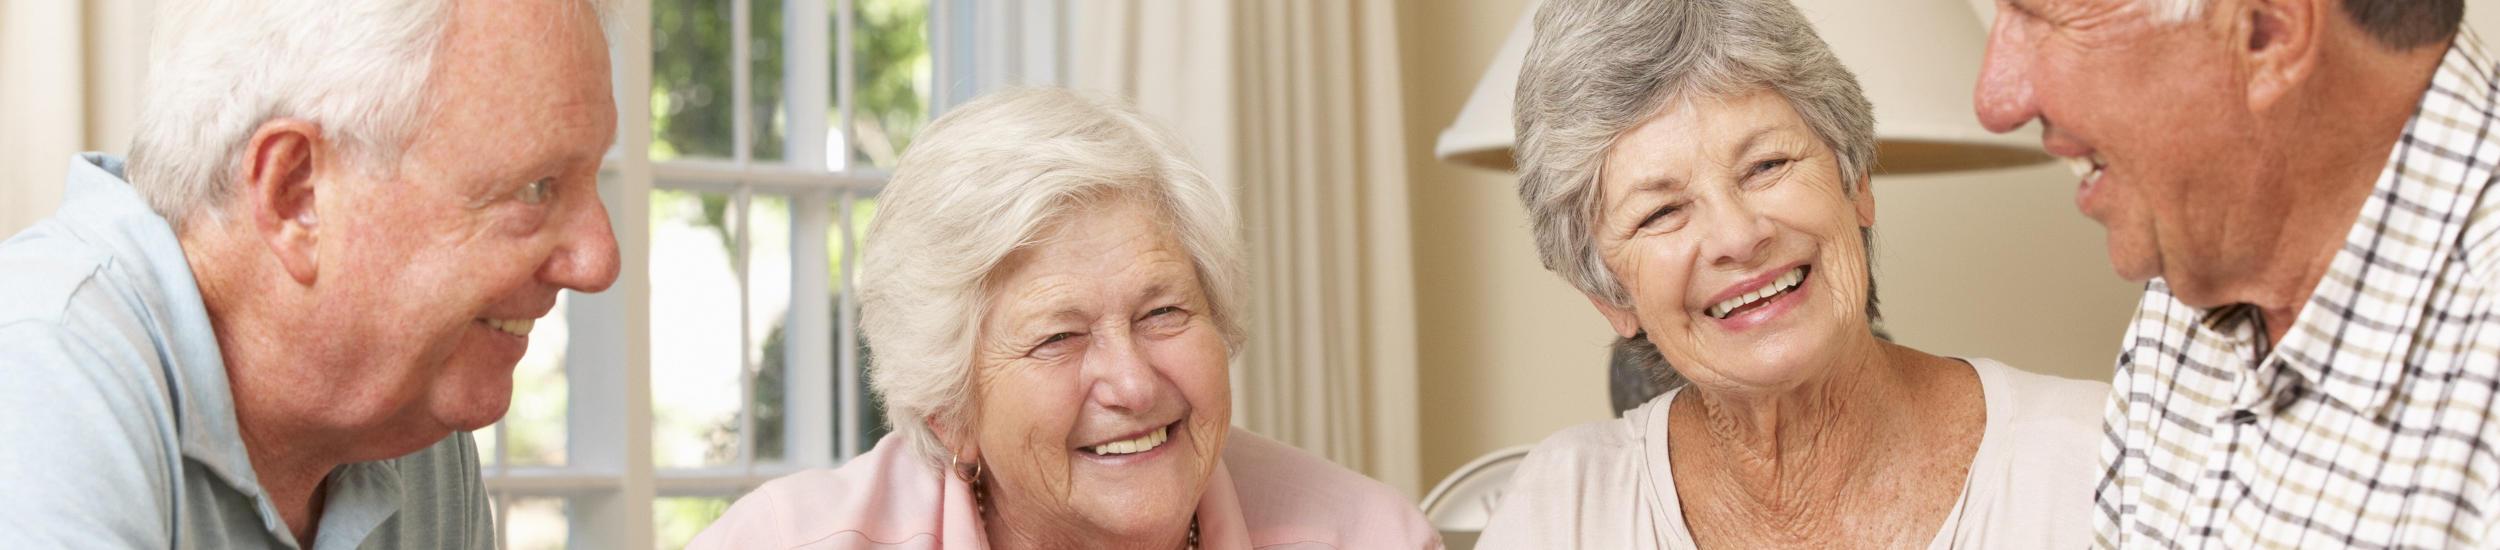 Cassiopea est un espace associatif de soutien des personnes âgées, handicapées, en perte d'autonomie et de leurs proches